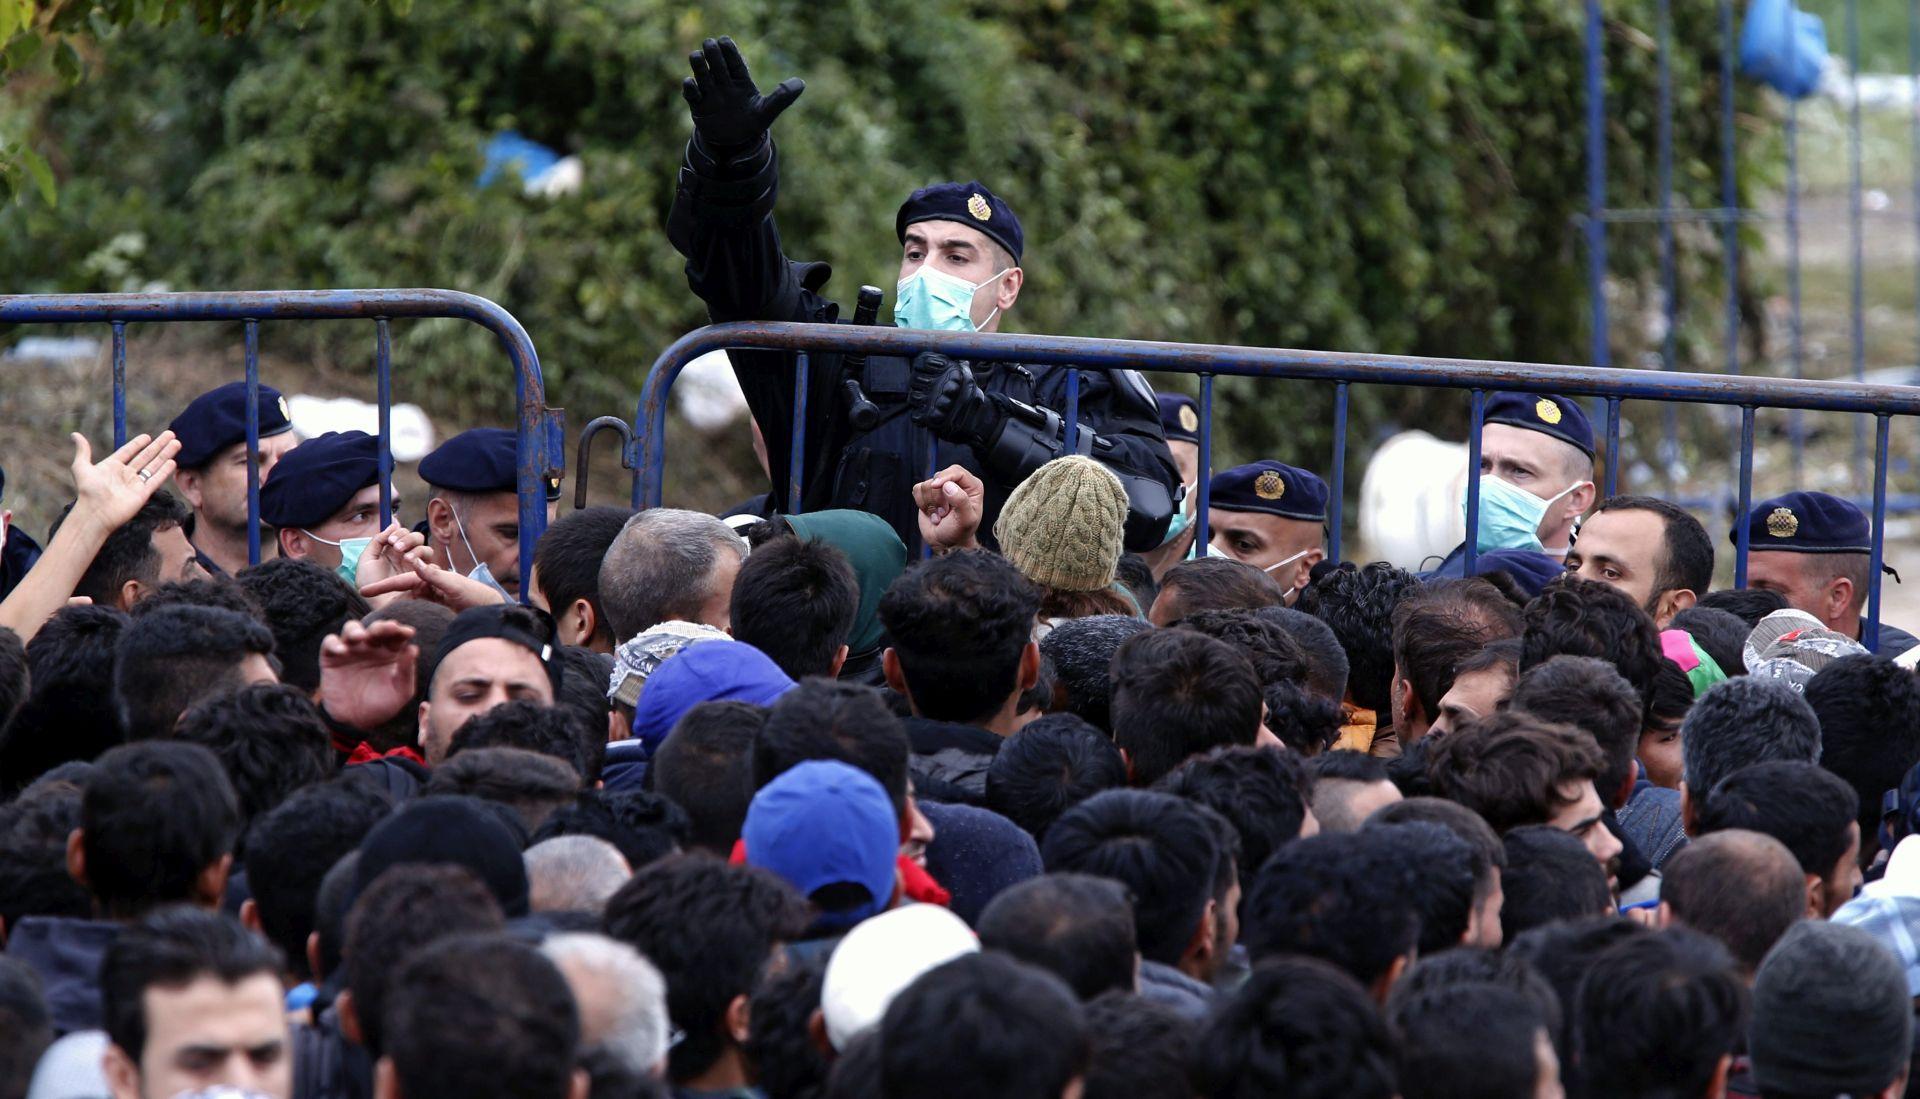 Mađarska od ponoći zatvara zelenu granicu s RH i postrožuje režim na prijelazima; Cerar sazvao Vijeće za nacionalnu sigurnost